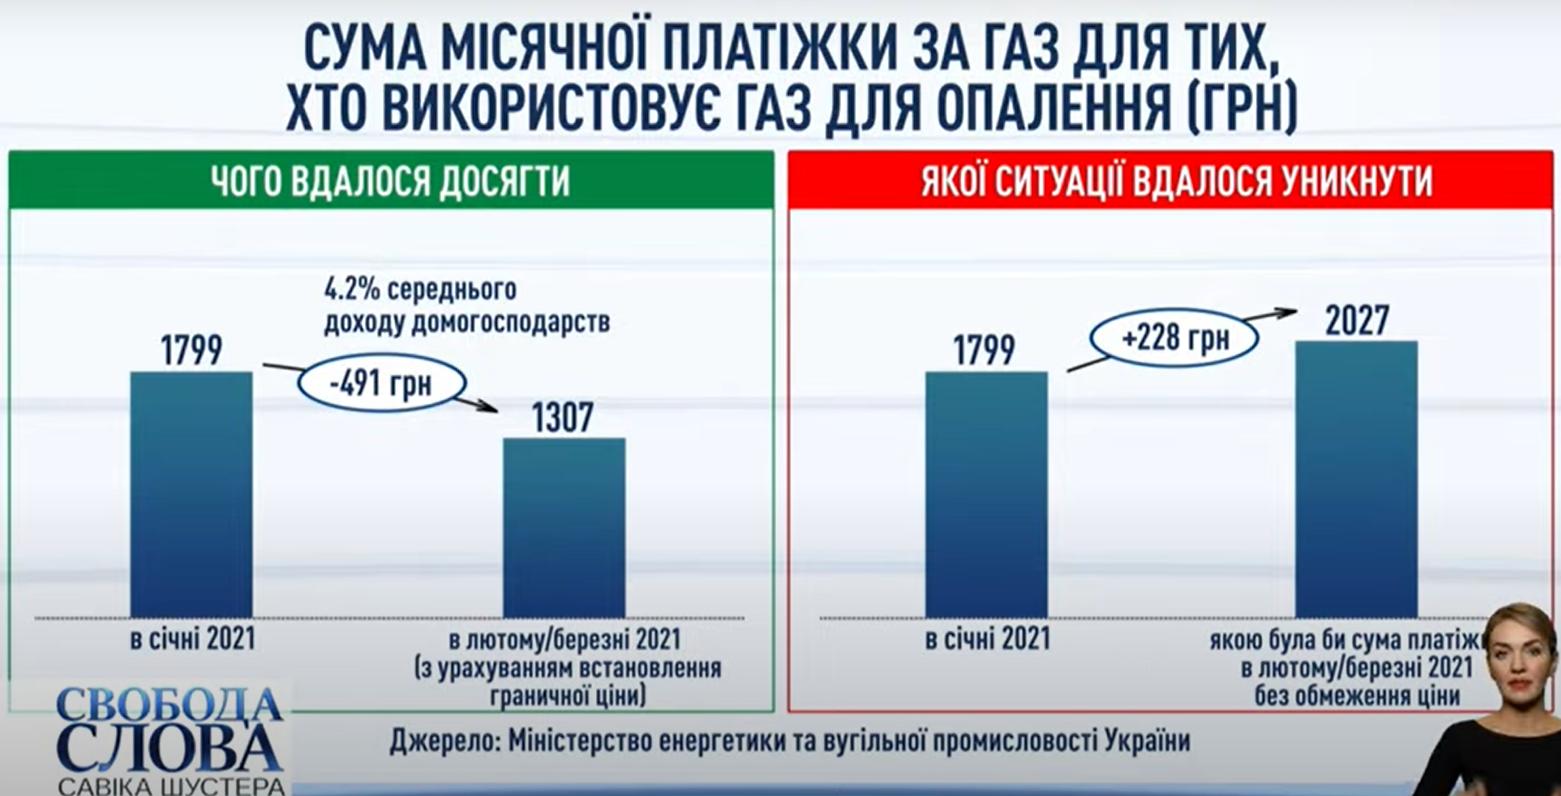 Українцям у лютому знизять ціну на газ на третину: кому саме